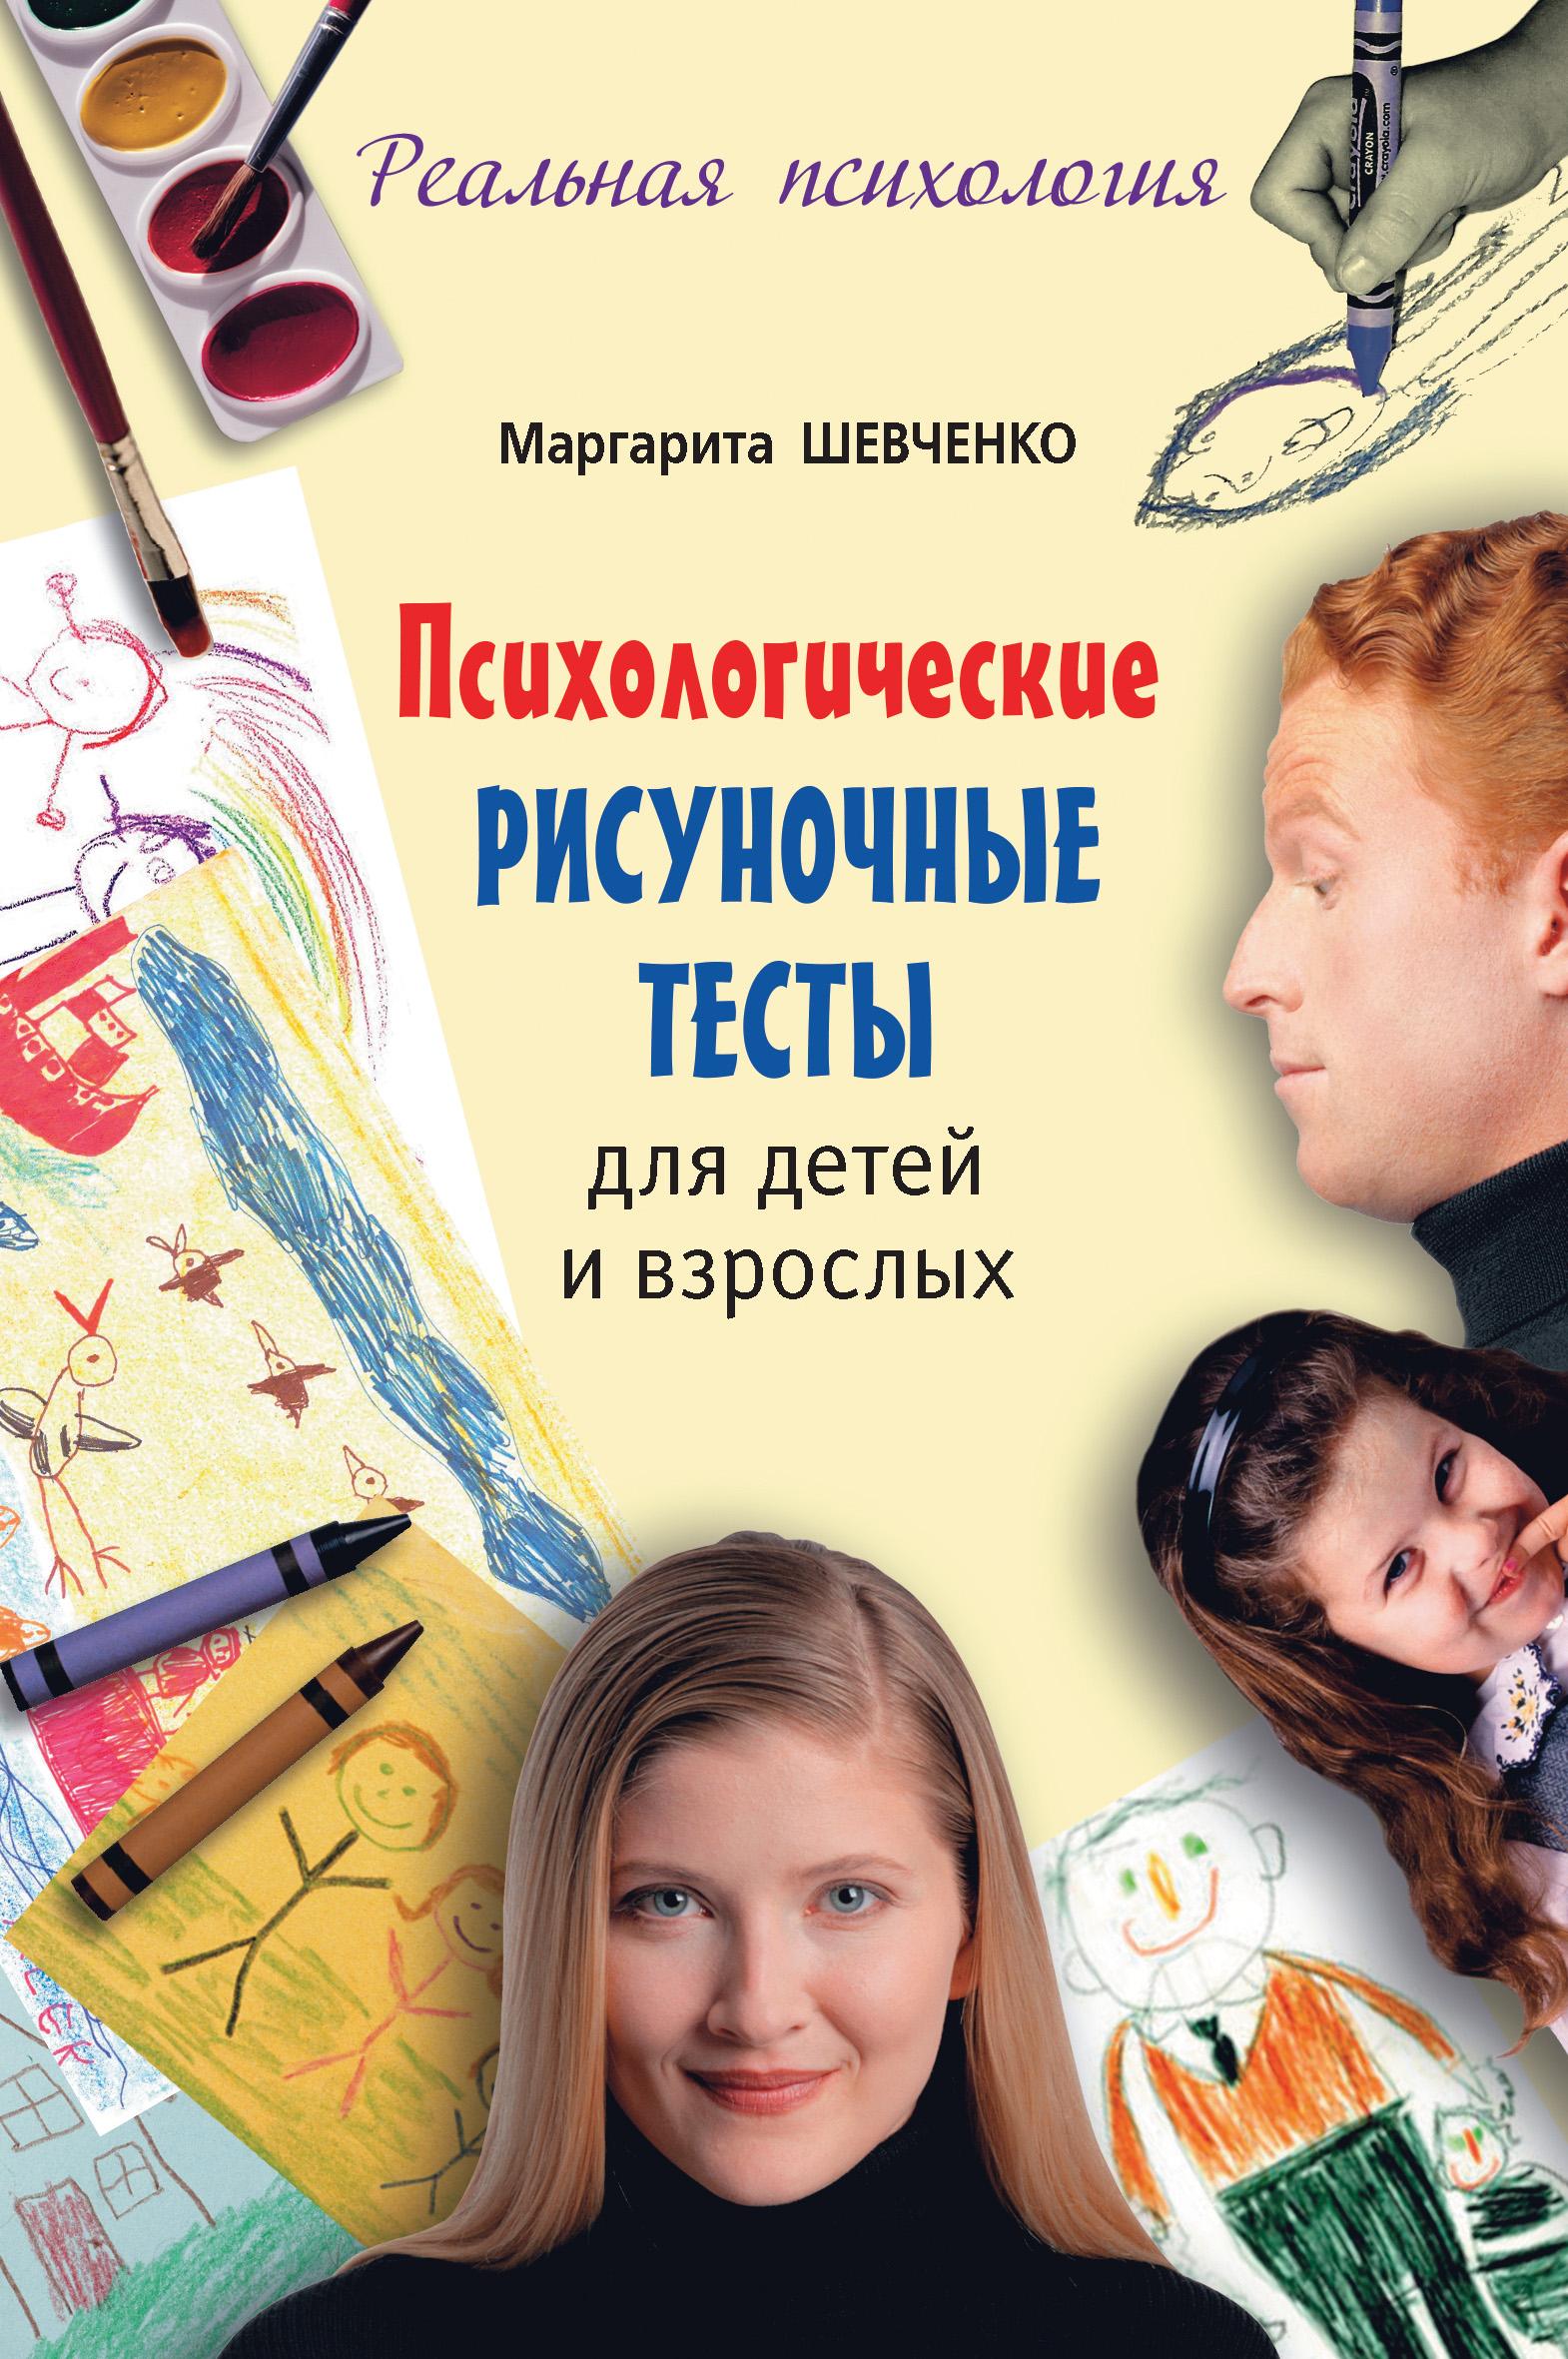 Маргарита Шевченко Психологические рисуночные тесты для детей и взрослых маргарита шевченко рисуночные тесты для развития внимания за 21 день